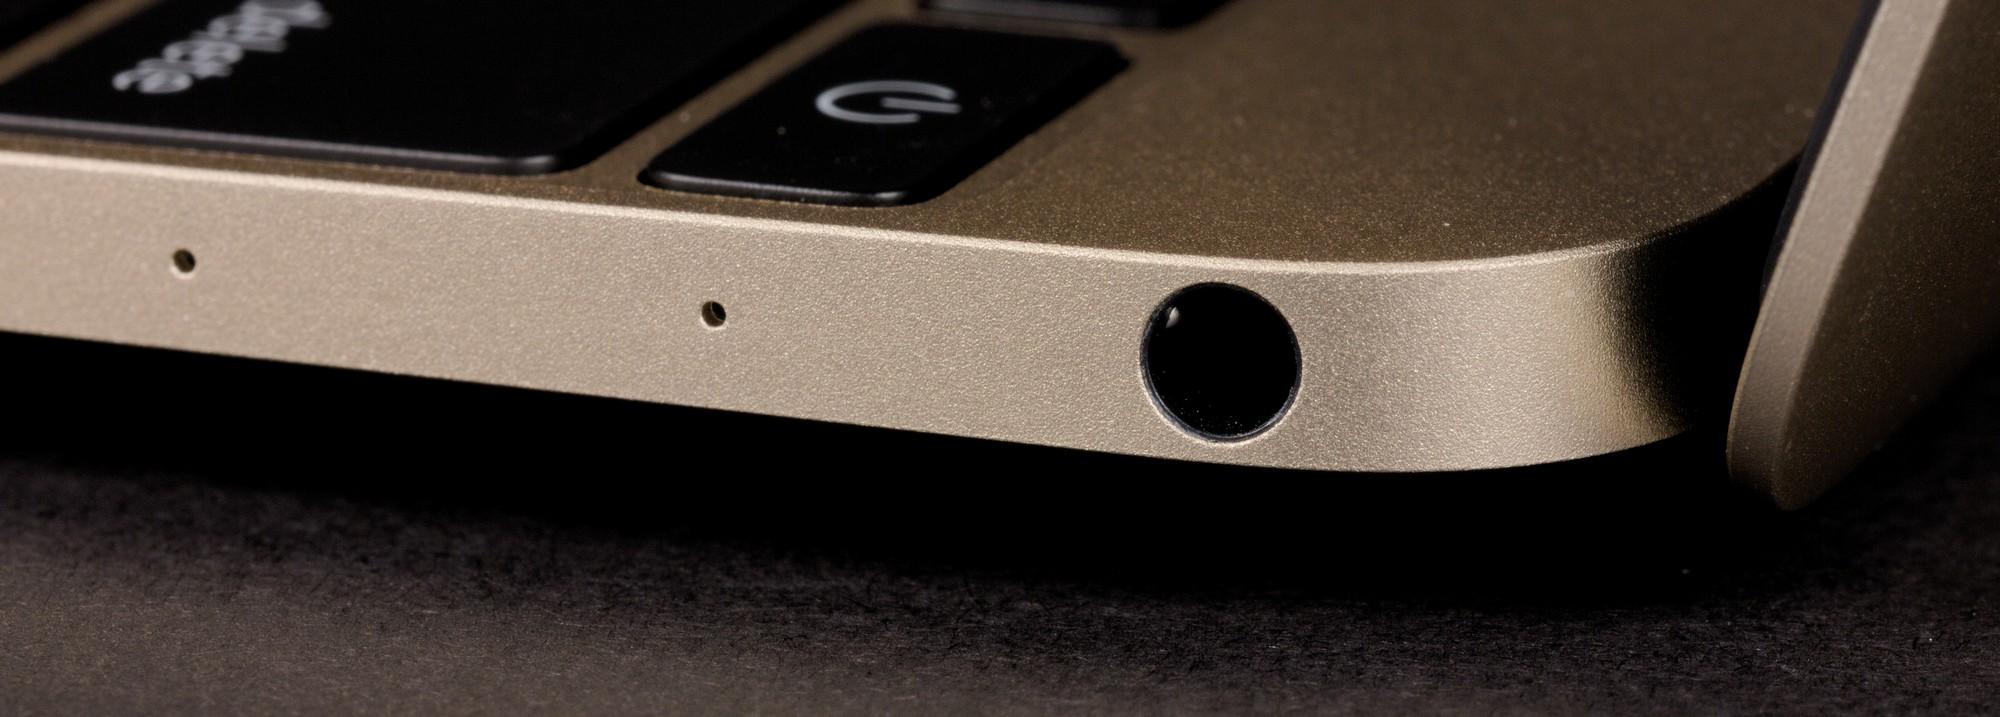 Обзор 12-дюймового MacBook (2016) - правая грань